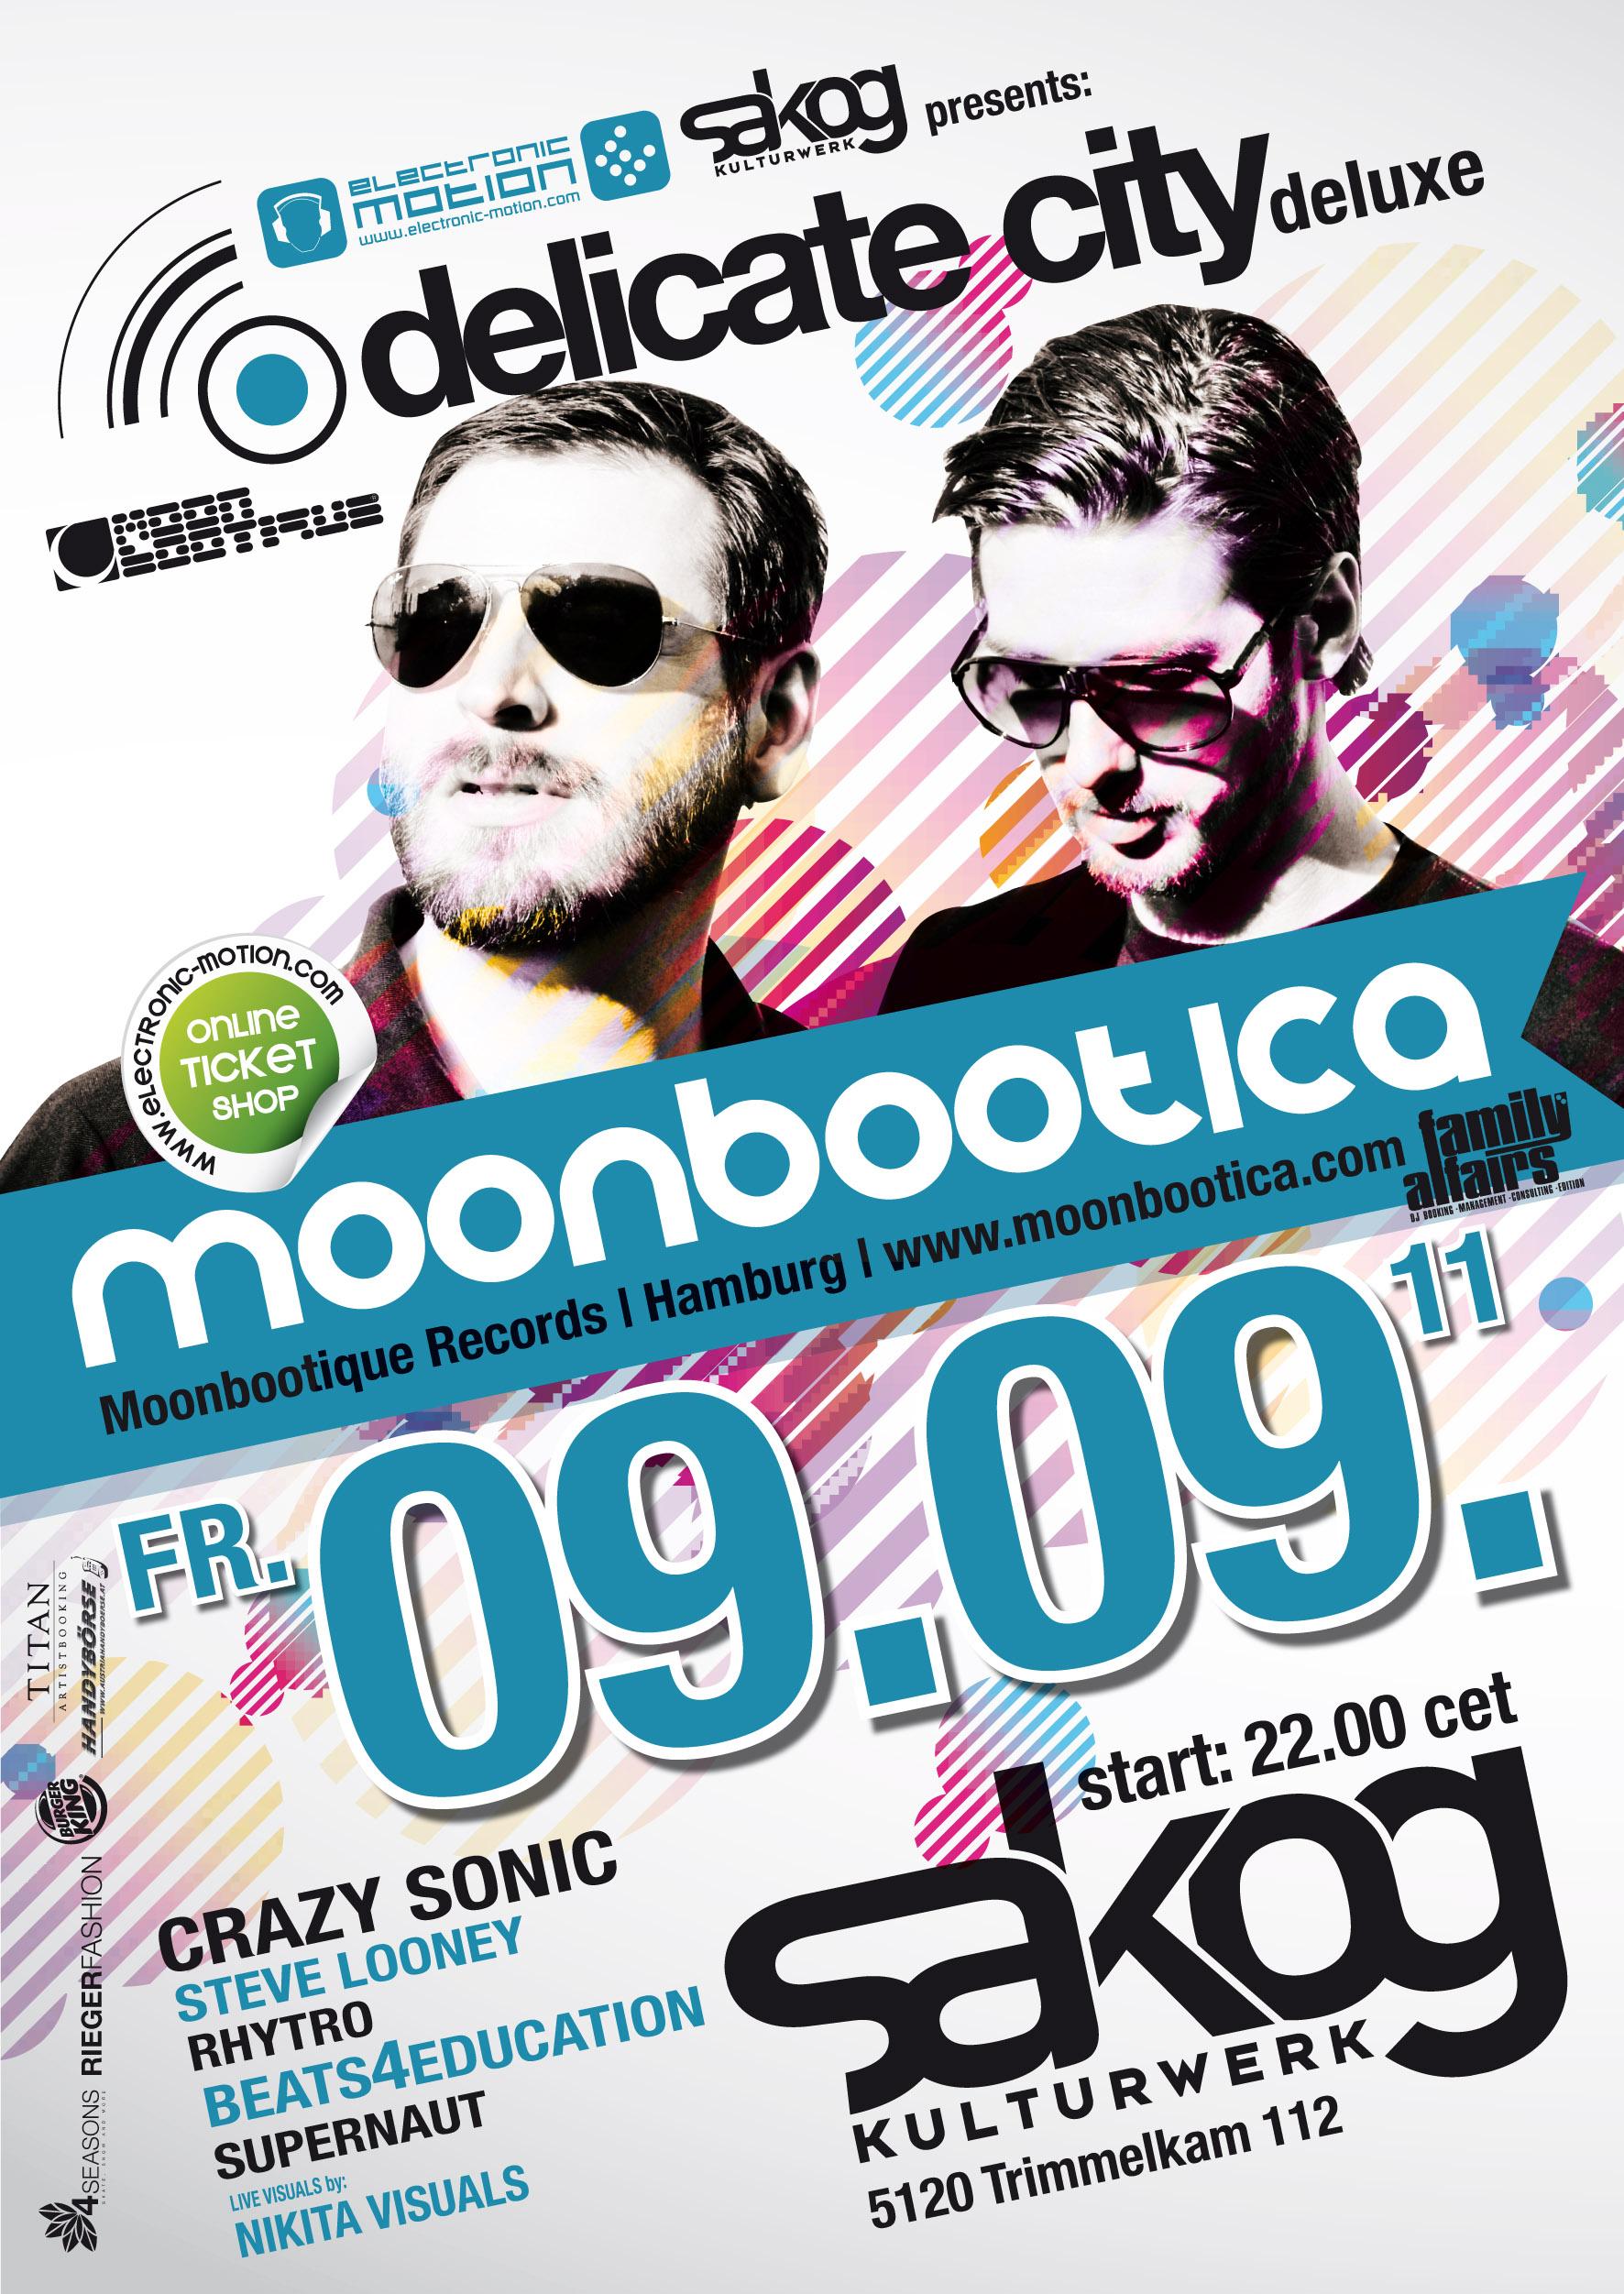 DELICATE CITY -deluxe- with Moonbootica – 09.09.11 @ Sakog Trimmelkam